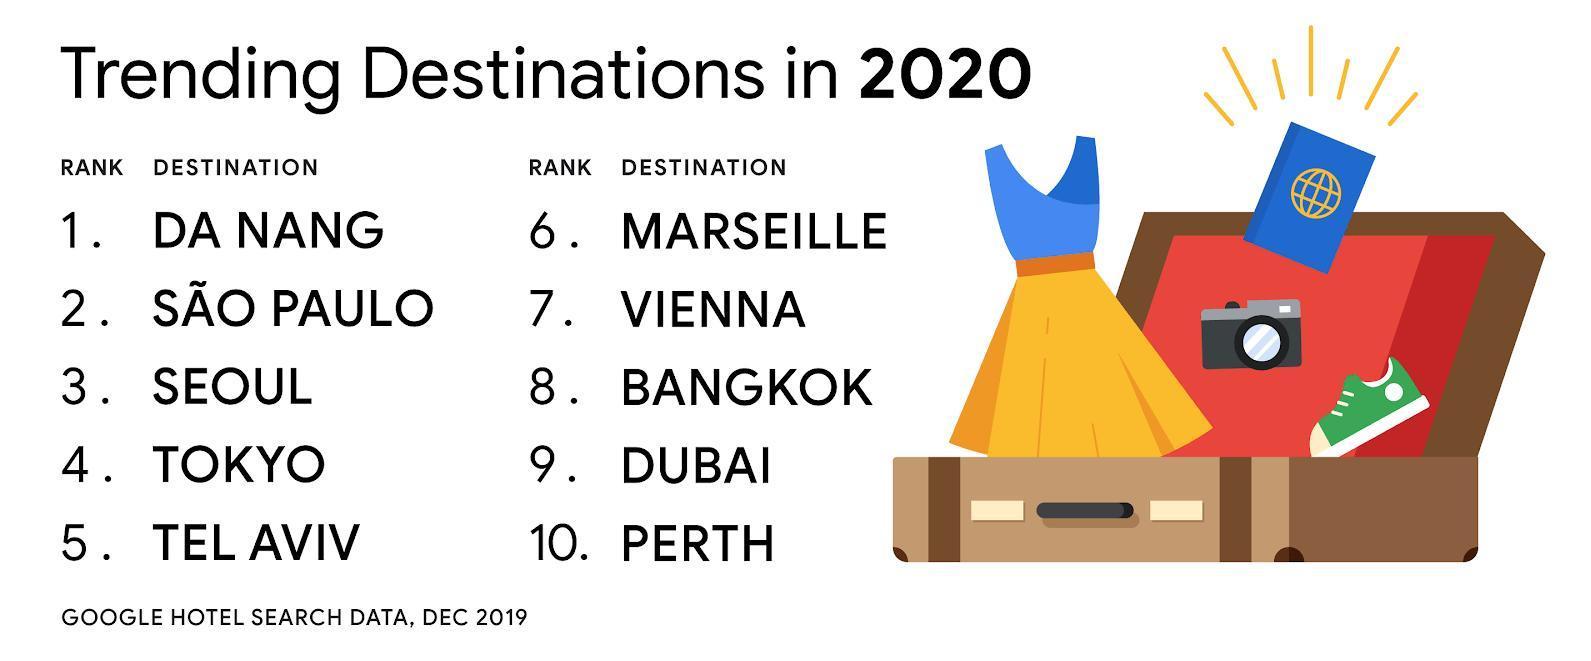 Đà Nẵng đứng đầu xu hướng tìm tìm kiếm khách sạn du lịch toàn cầu Ảnh 1